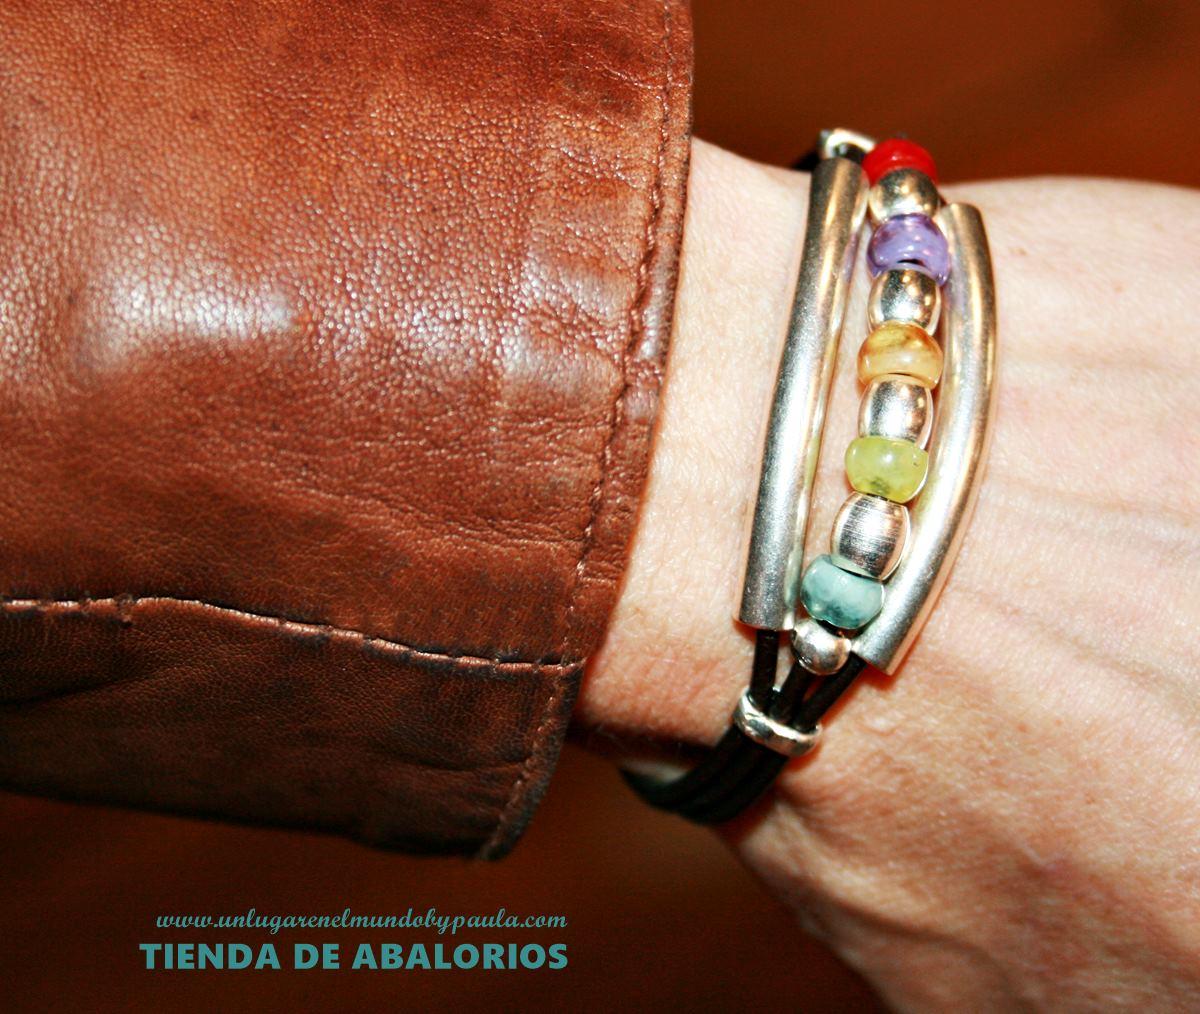 Pulsera_resinas_cuero_img_6469_foto